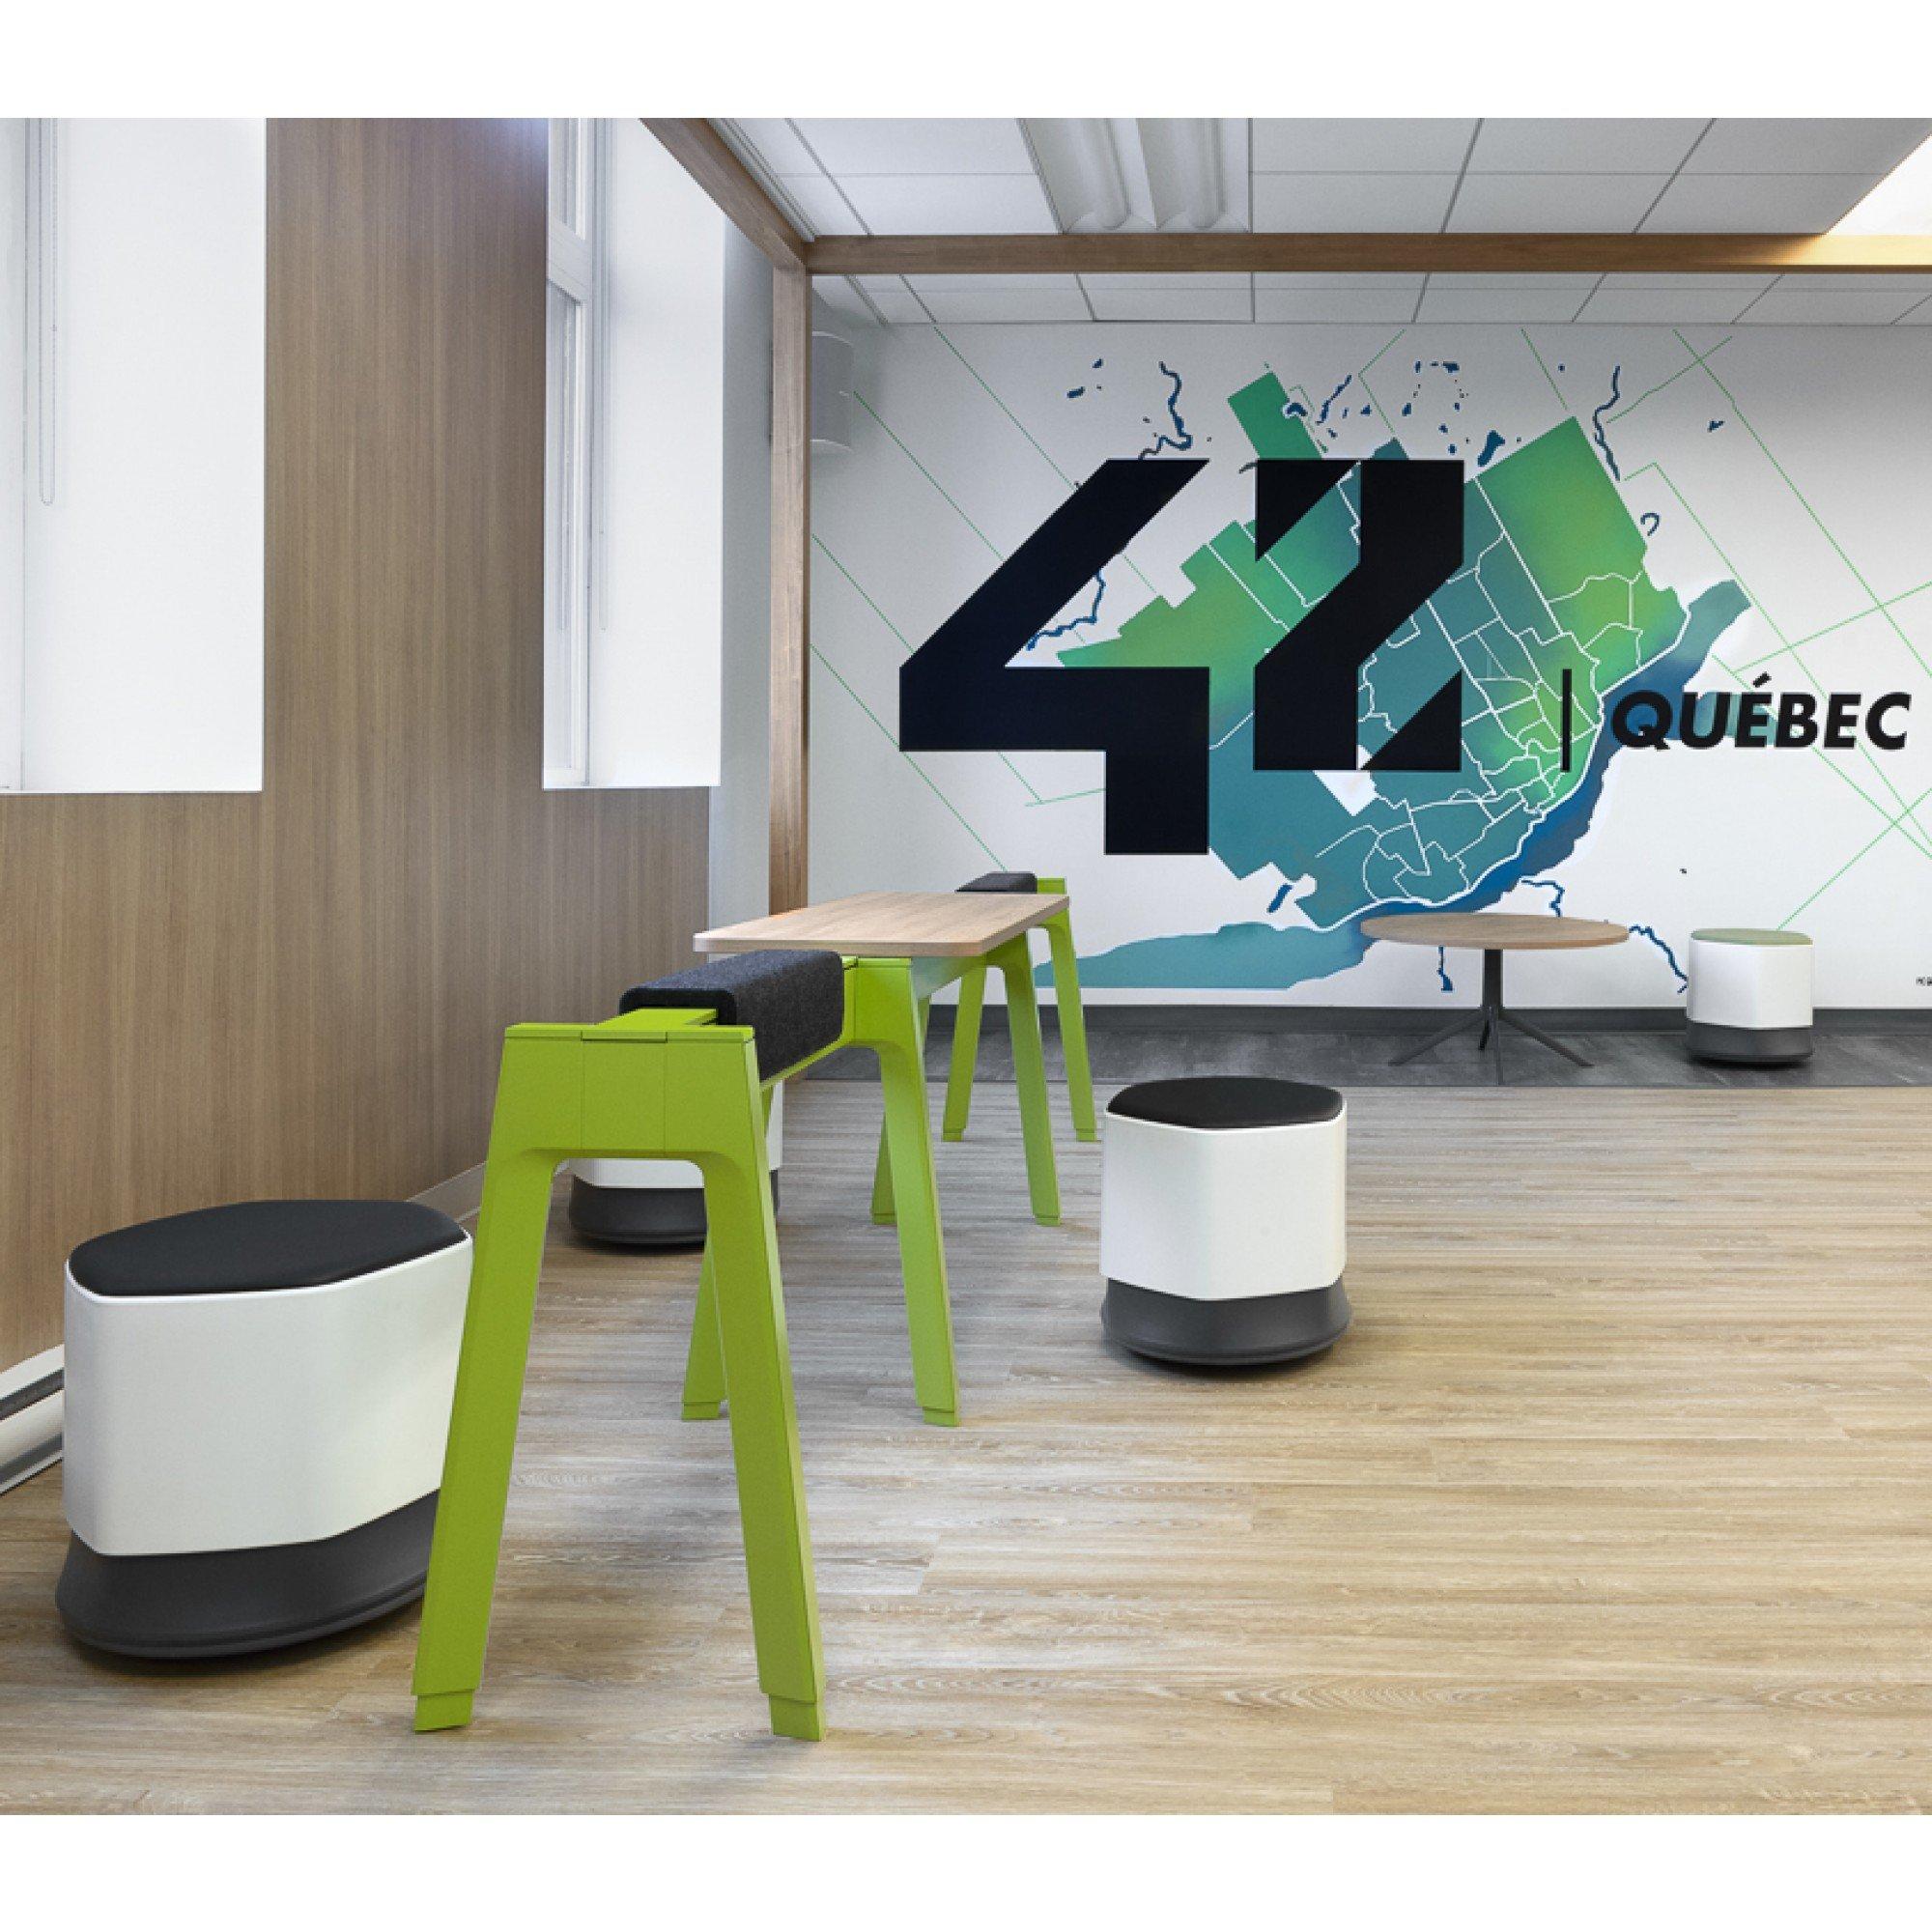 MBH-Mobilier-Bureau-Réalisation-42-Québec-8.jpg